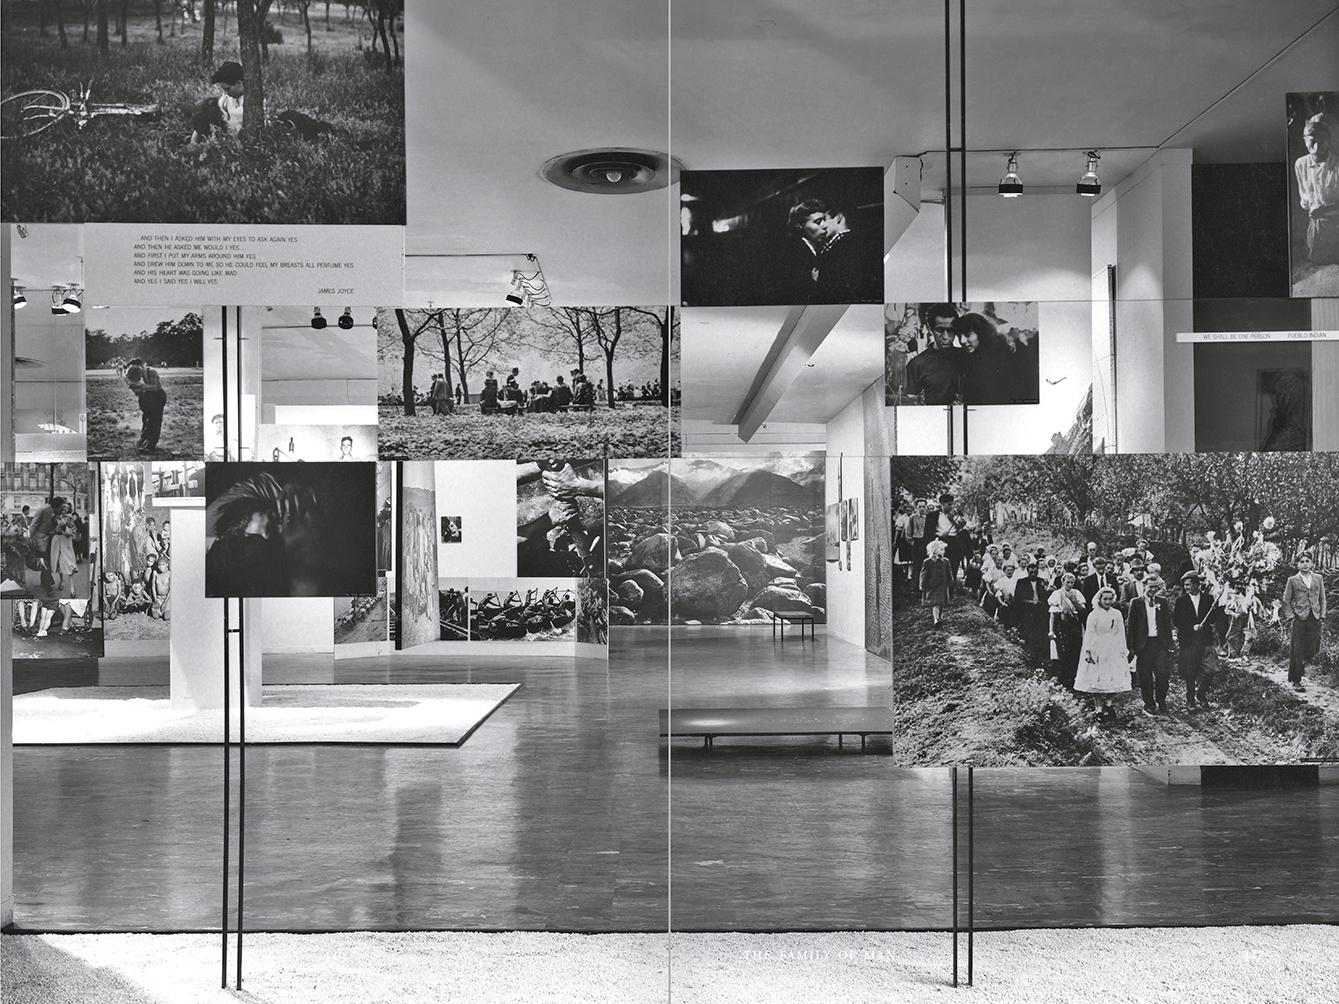 """Selección del catálogo """"Espacios fotográficos públicos. Exposiciones de propaganda, de Pressa a The Family of Man, 1928-1955"""" páginas 426 y 427"""